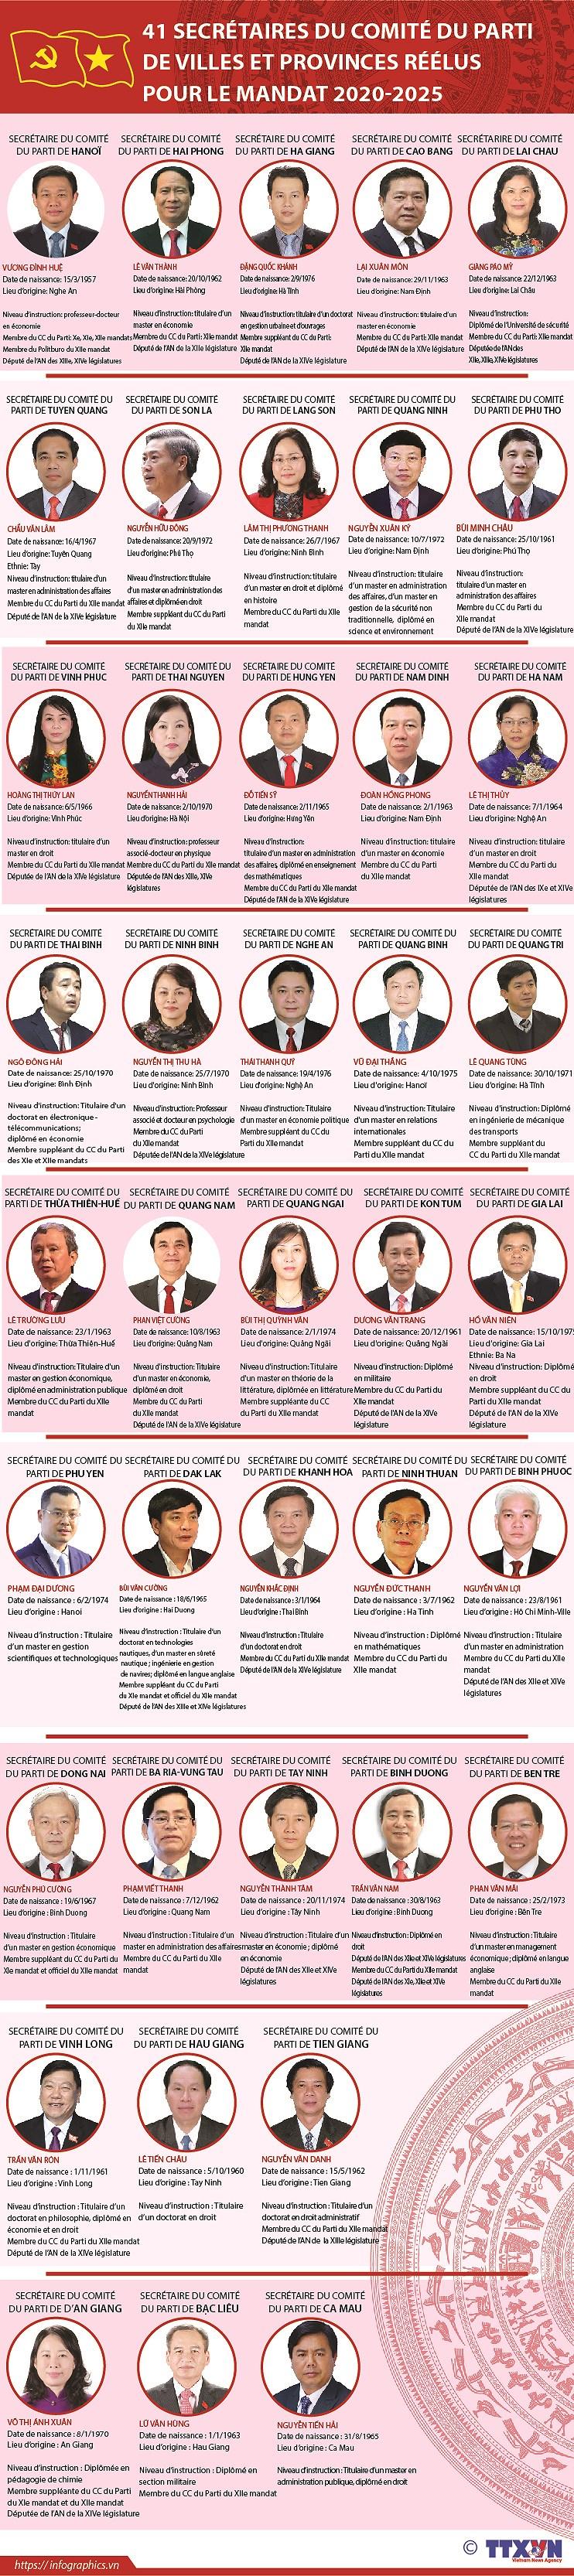 41 secretaires du Comite du Parti de villes et provinces reelus pour le mandat 2020-2025 hinh anh 1